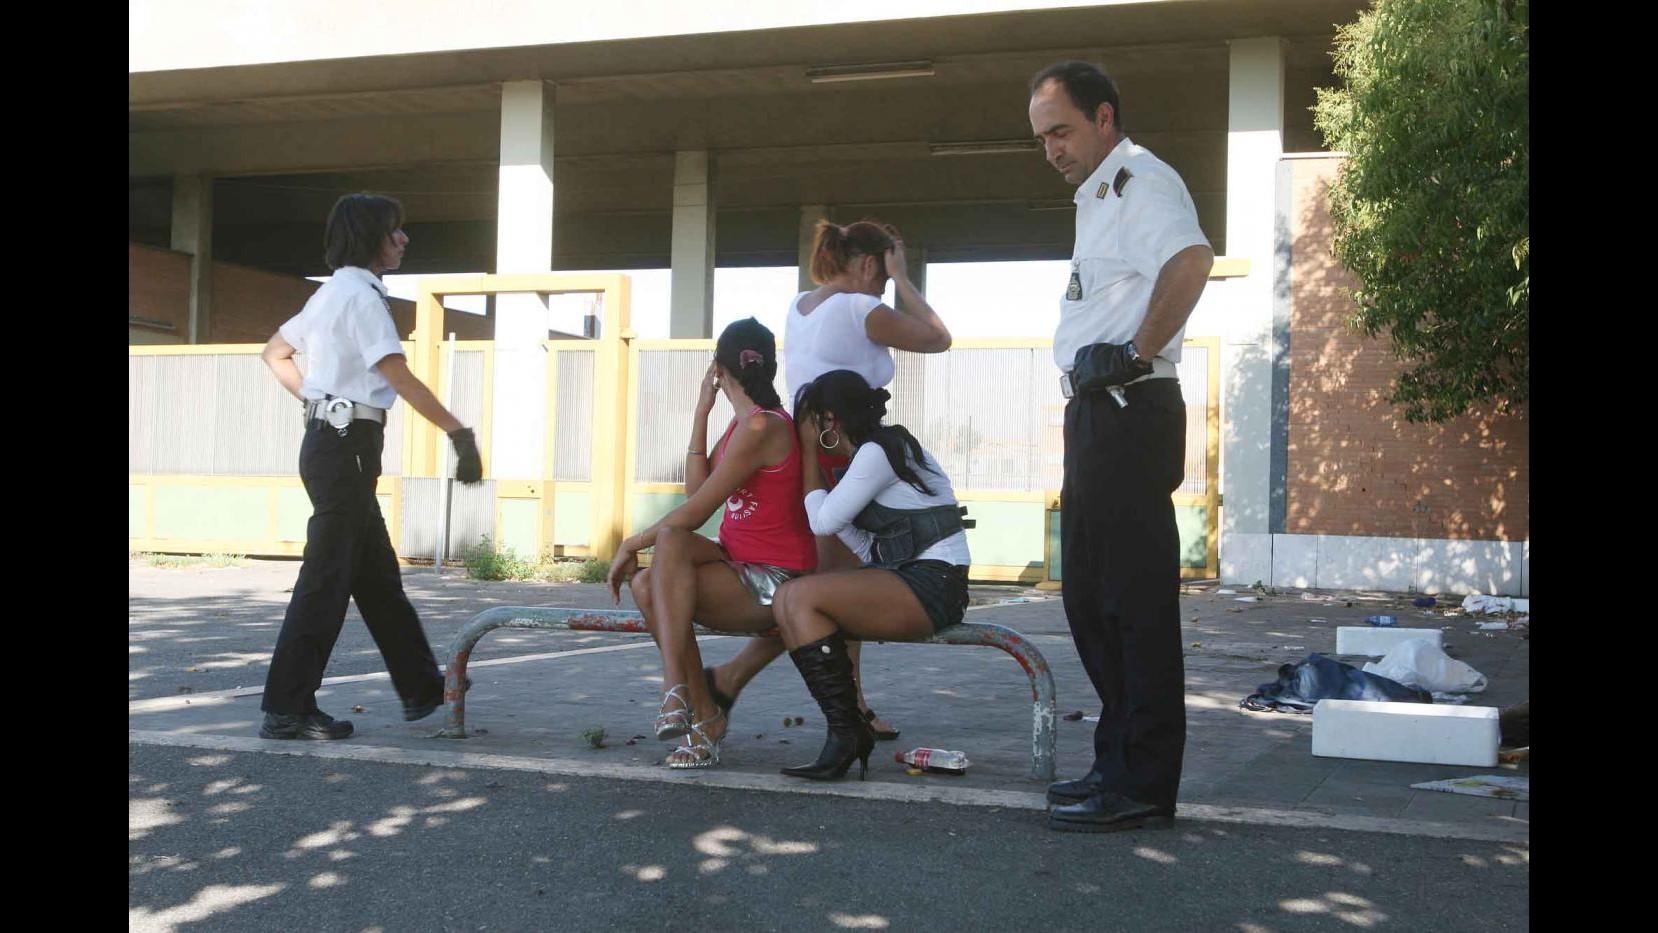 Roma, guerra tra bande albanesi per droga e prostituzione: 5 in cella